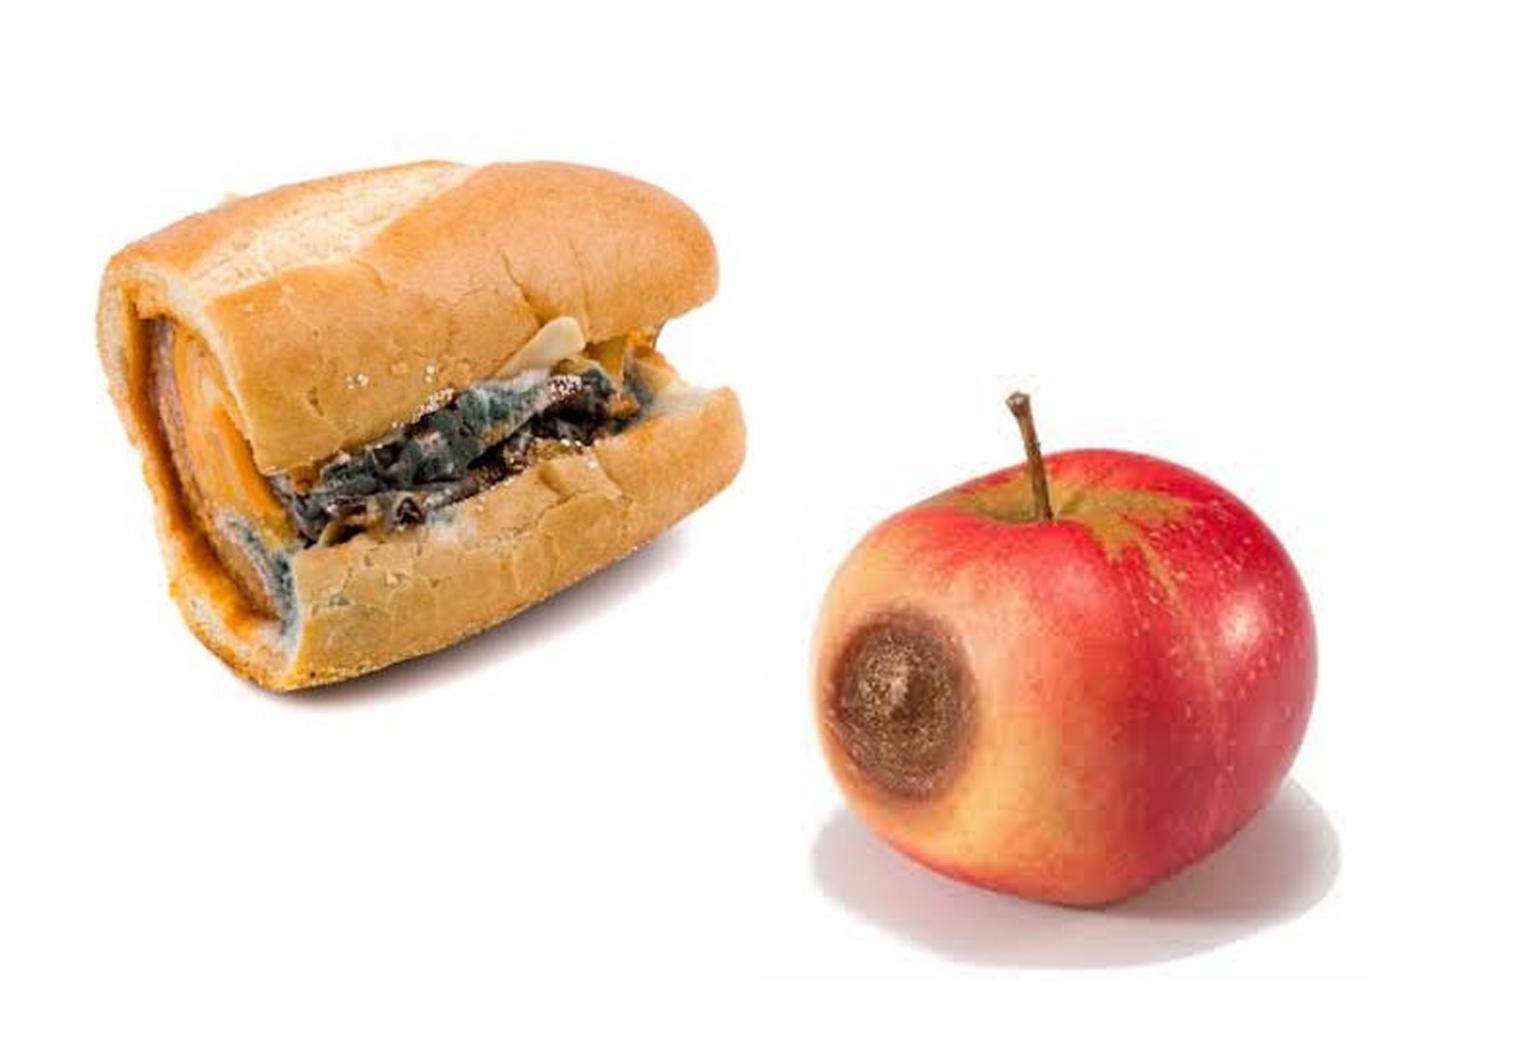 Contaminaci n alimentos on emaze - Fuentes de contaminacion de los alimentos ...